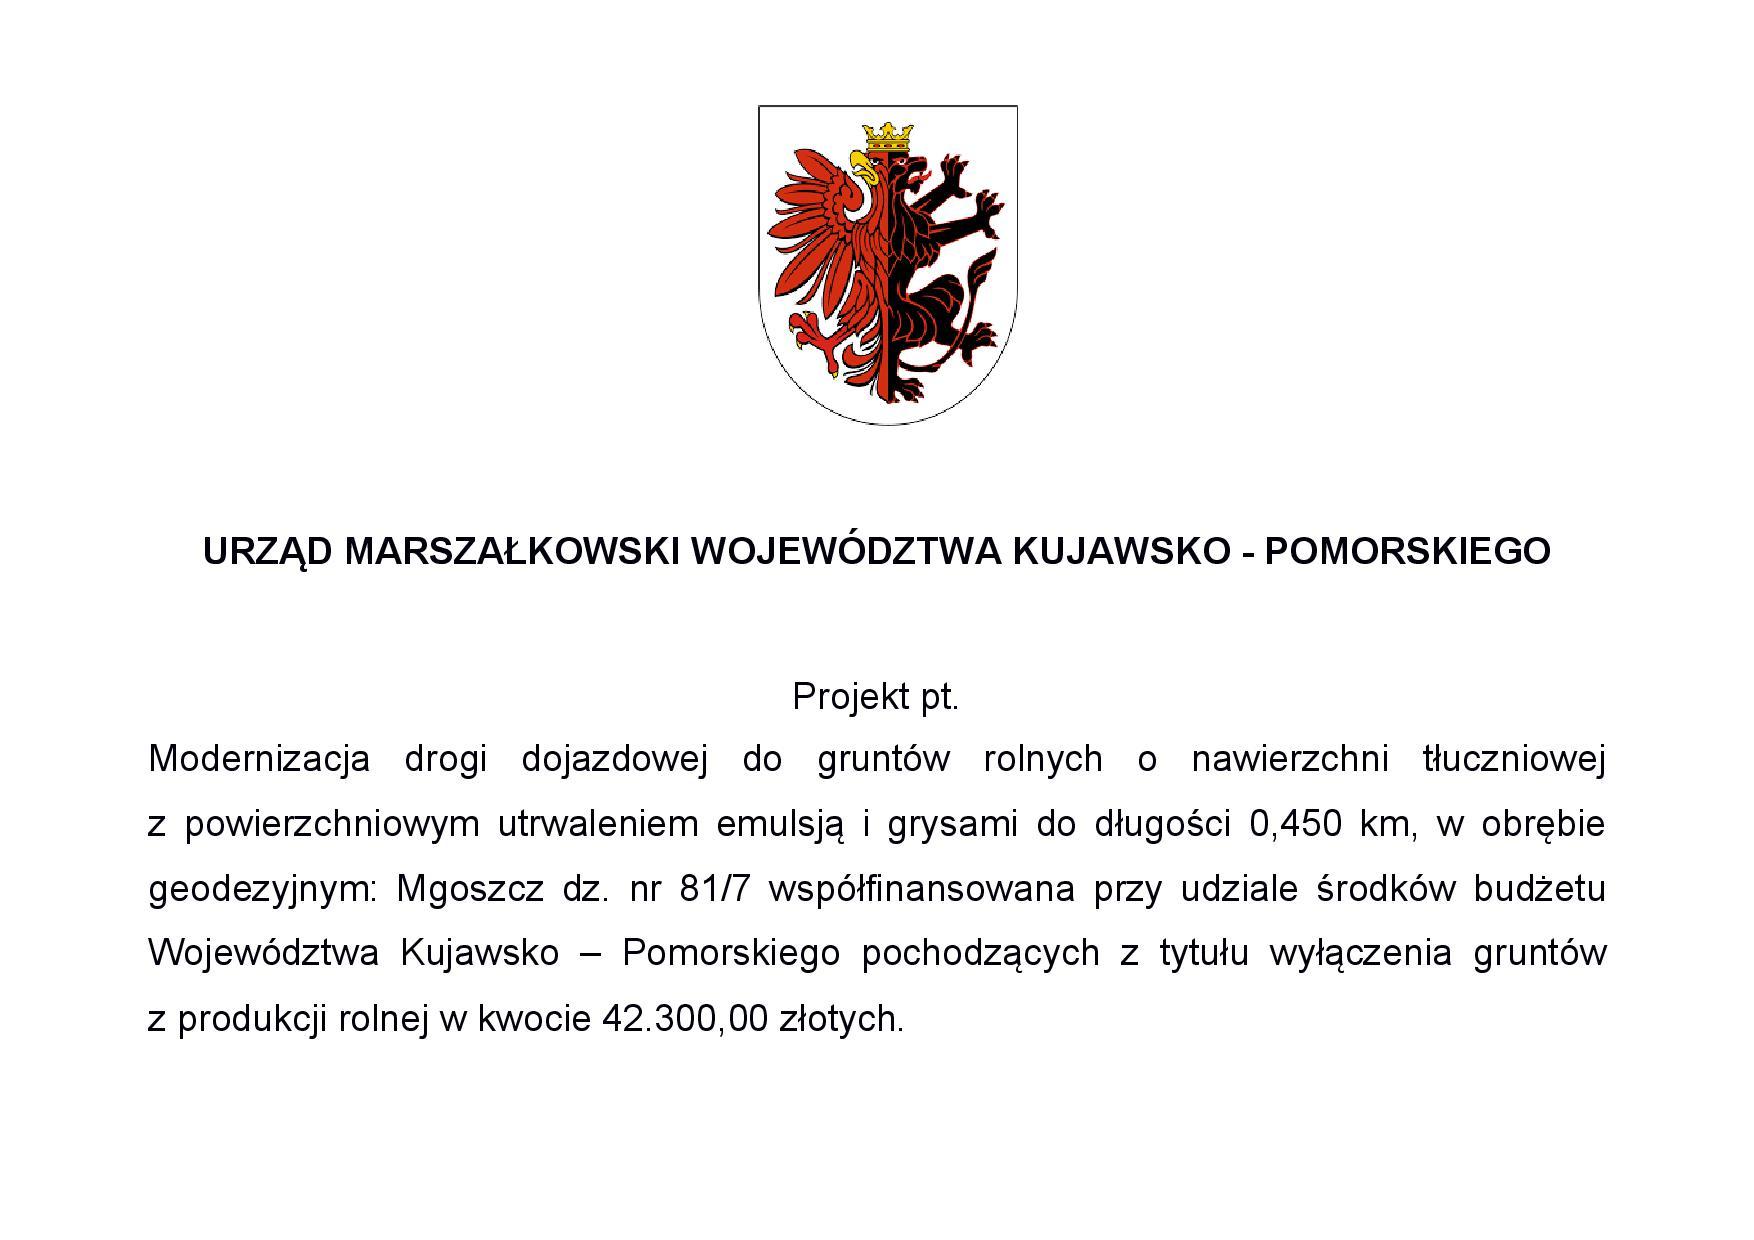 Tablica informacyjna dotycząca dofinansowania modernizacji drogi w miejscowości Mgoszcz